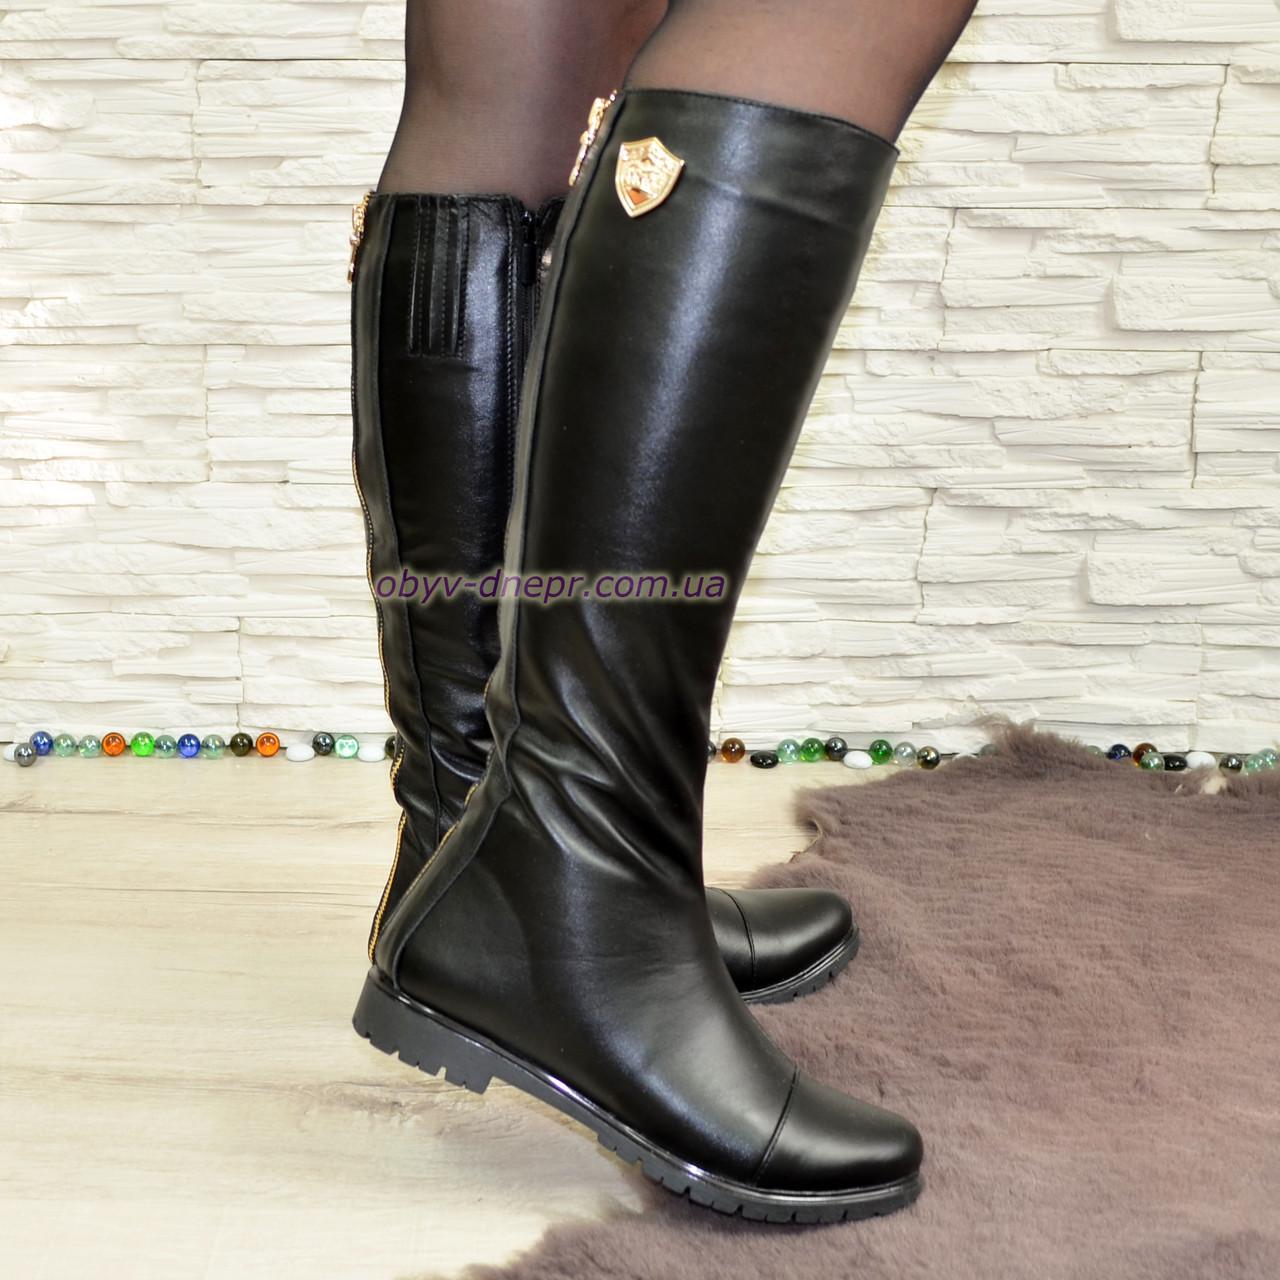 Стильные женские кожаные сапоги на меху от производителя купить и ... bf95d27b9ce